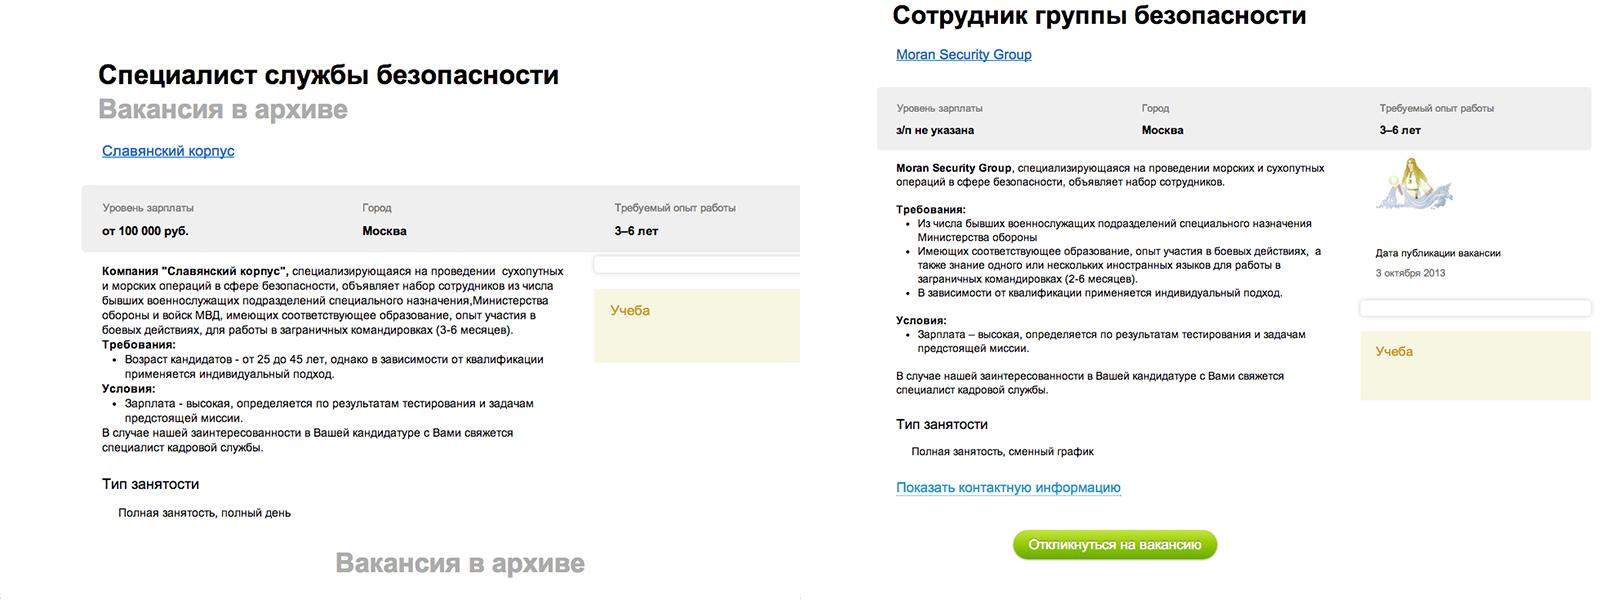 Документы для кредита в москве Крамского улица пенсионер работает по договору без трудовой